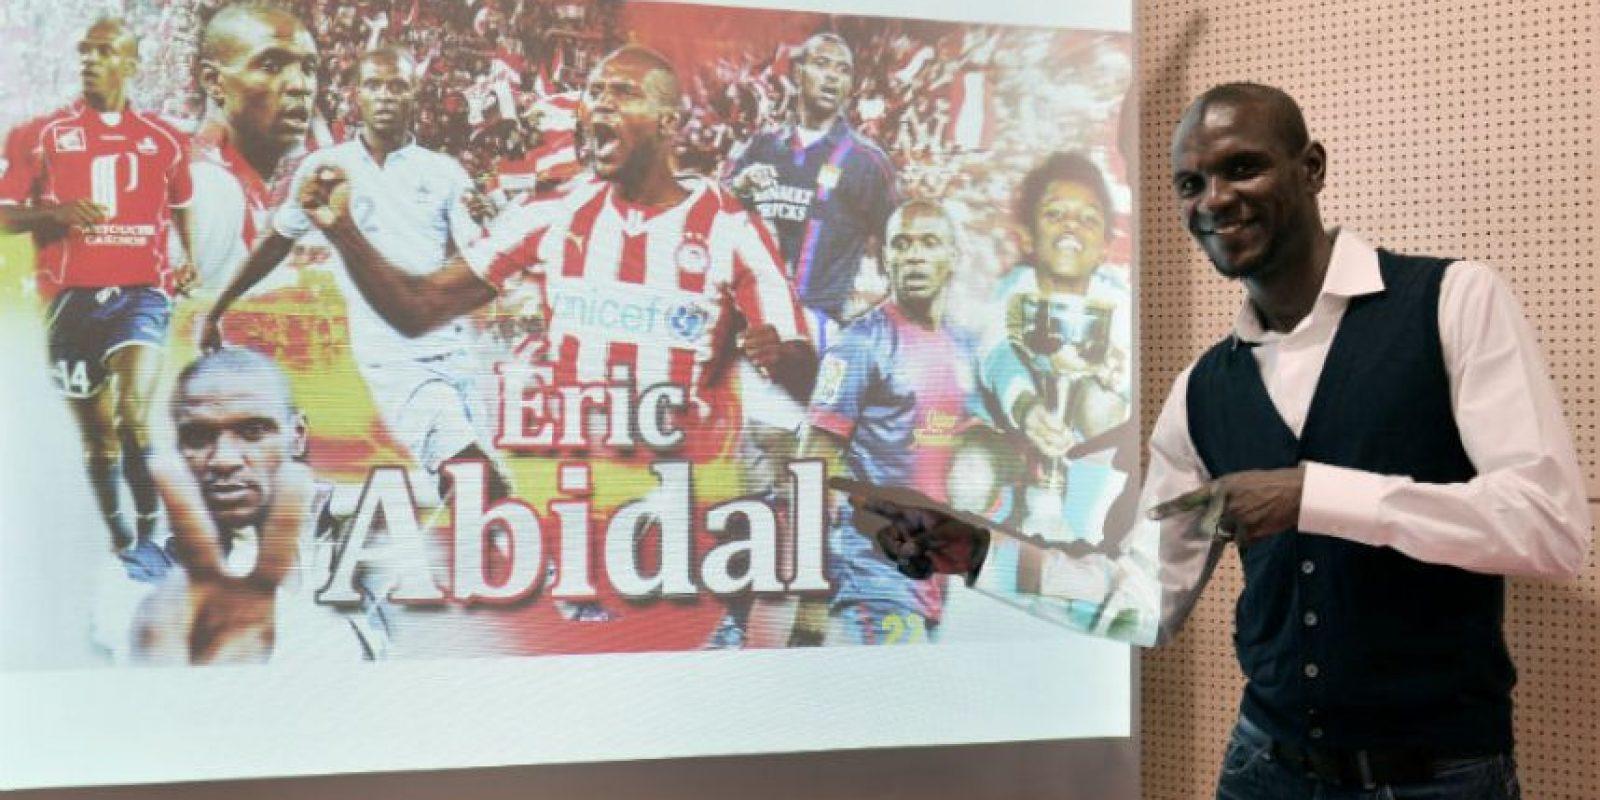 Abidal jugó profesionalmente durante 12 años. Foto:AFP